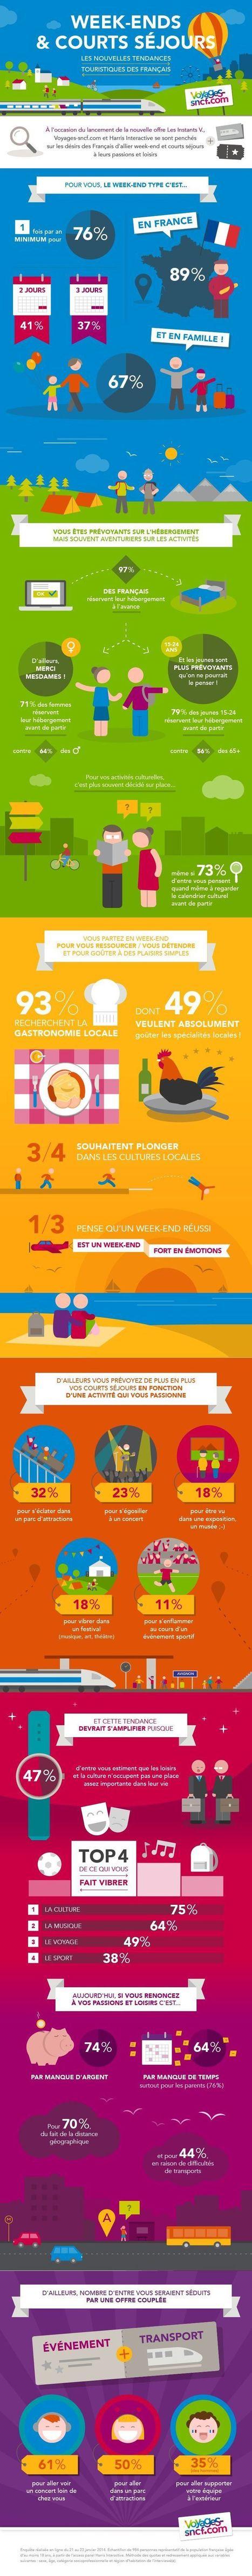 Infographies etourisme par les bloggeurs d'etourisme.info   Communauté e-tourisme Rn2D   Scoop.it